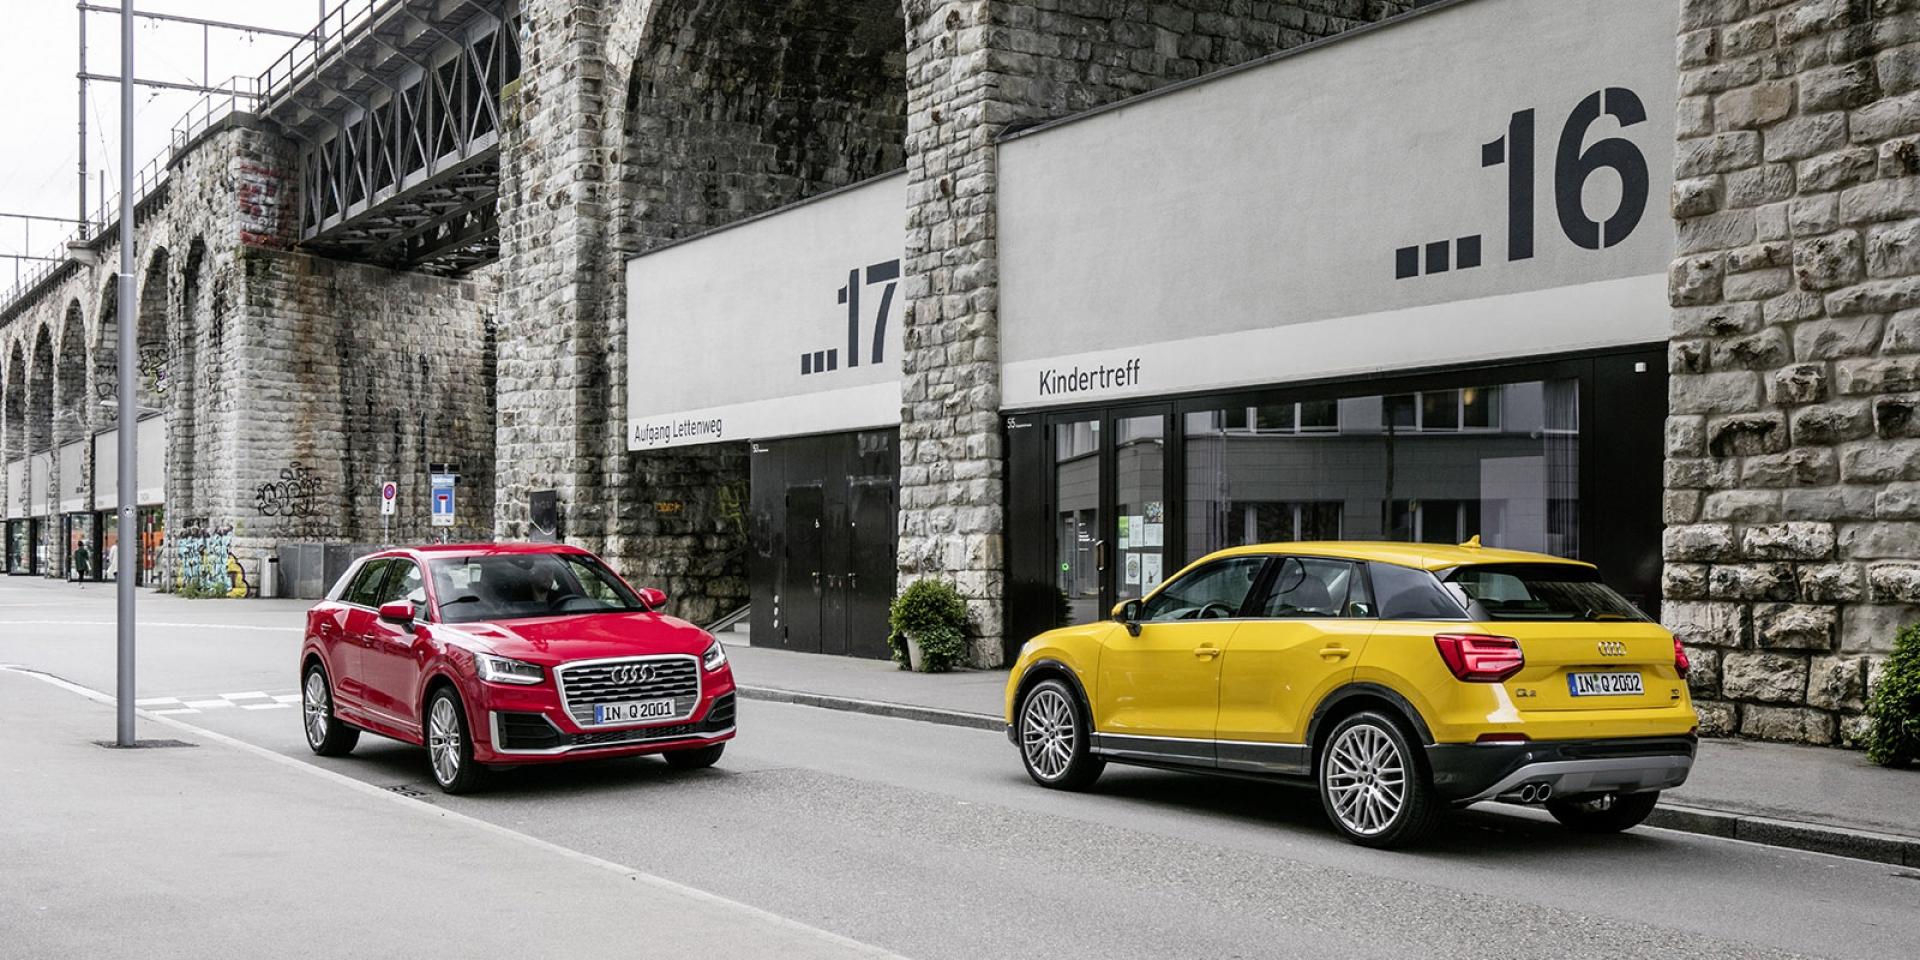 官方新聞稿。S line外觀套件等多項配備升級 Audi Q2「精彩無限版」限量上市